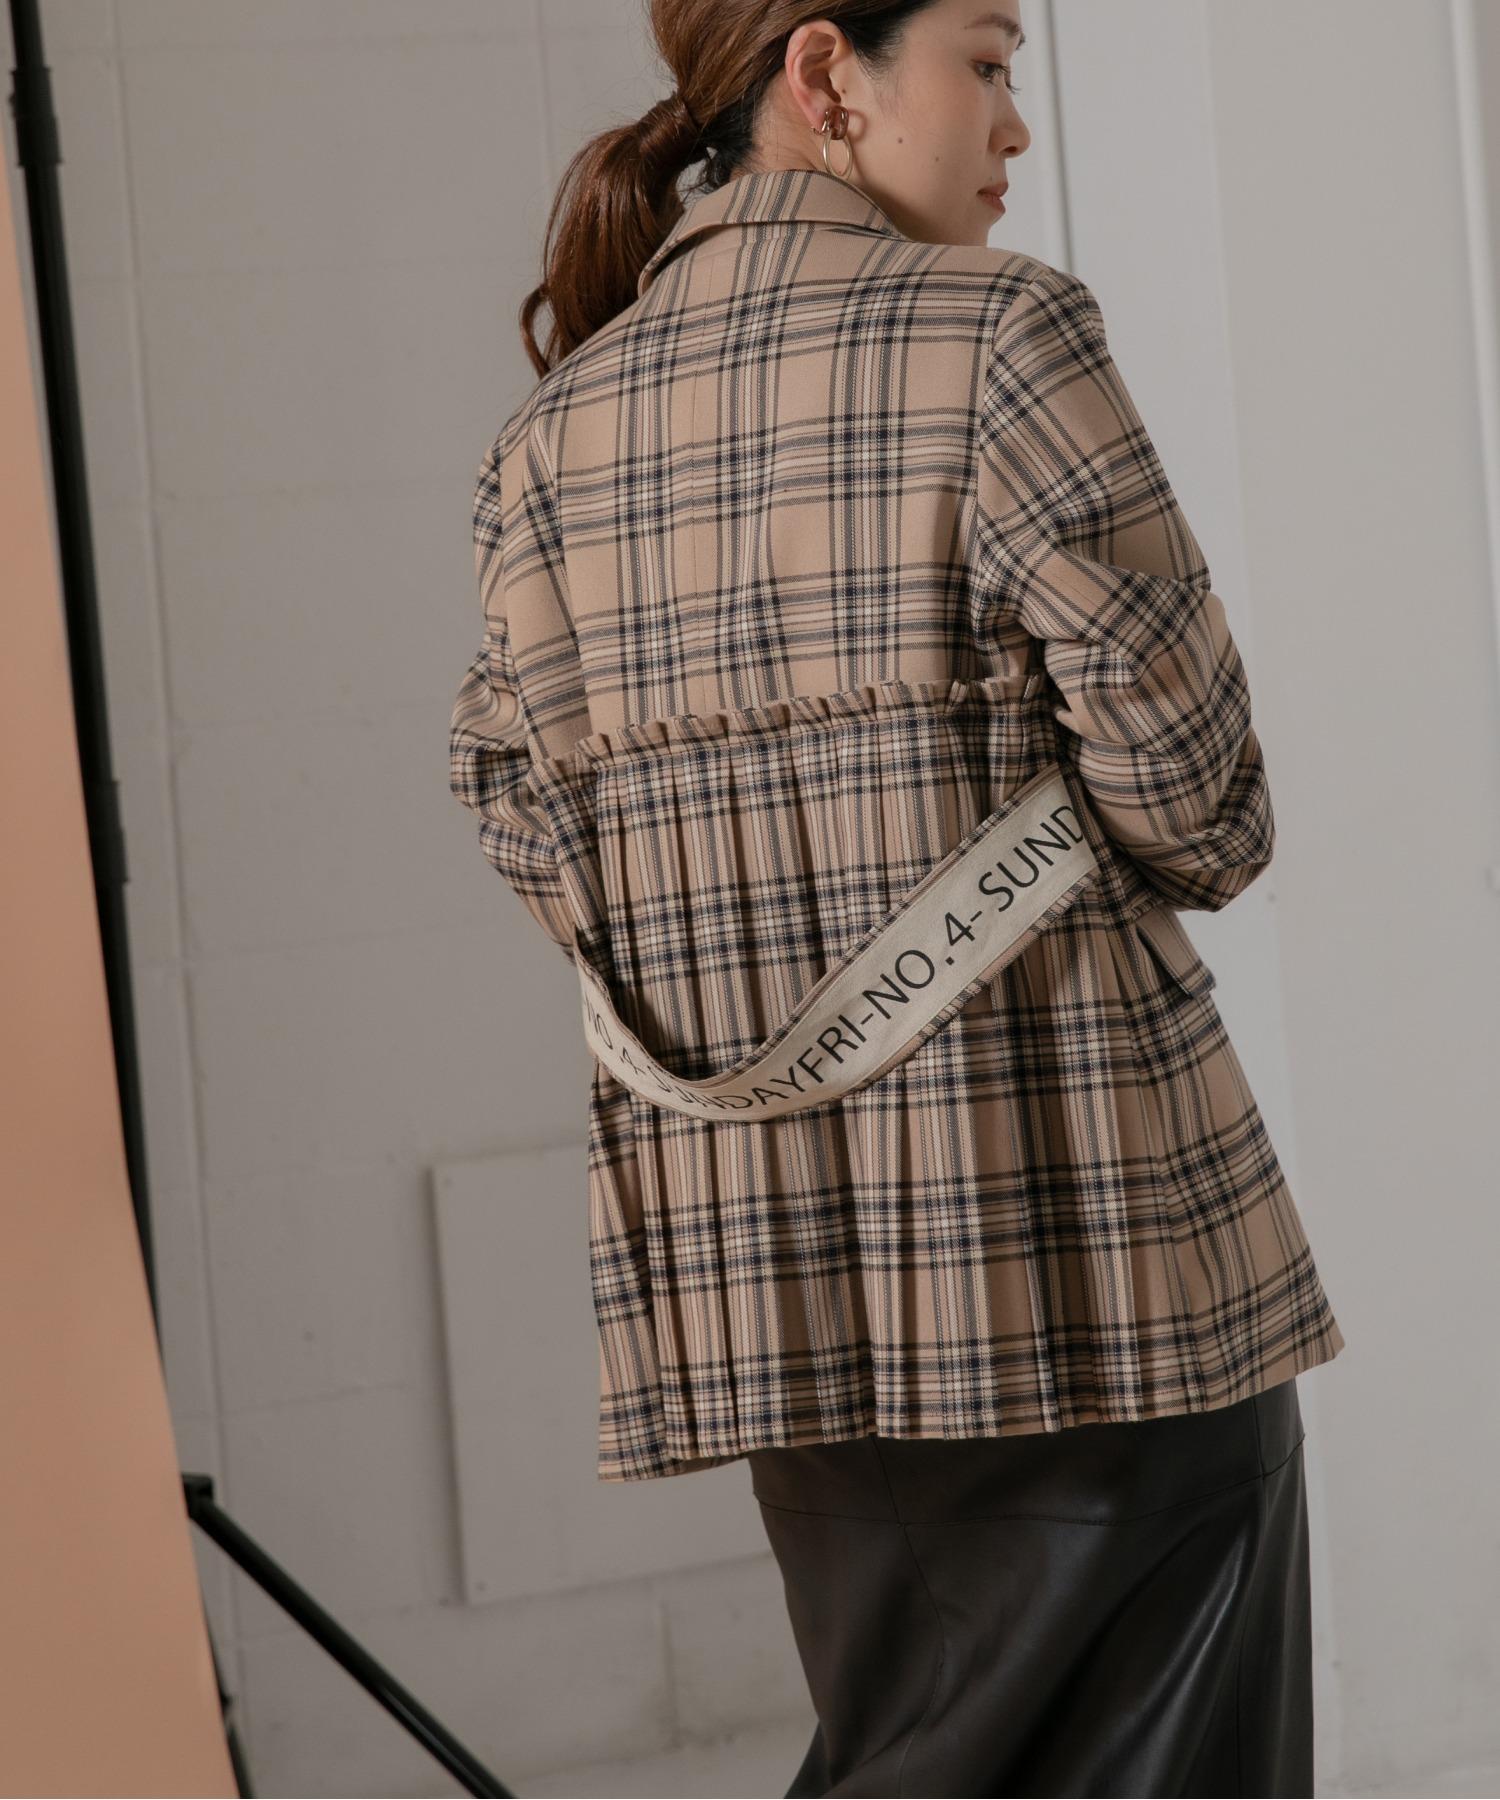 【Eimee Law】バックプリーツロゴテープベルト付きチェックジャケット